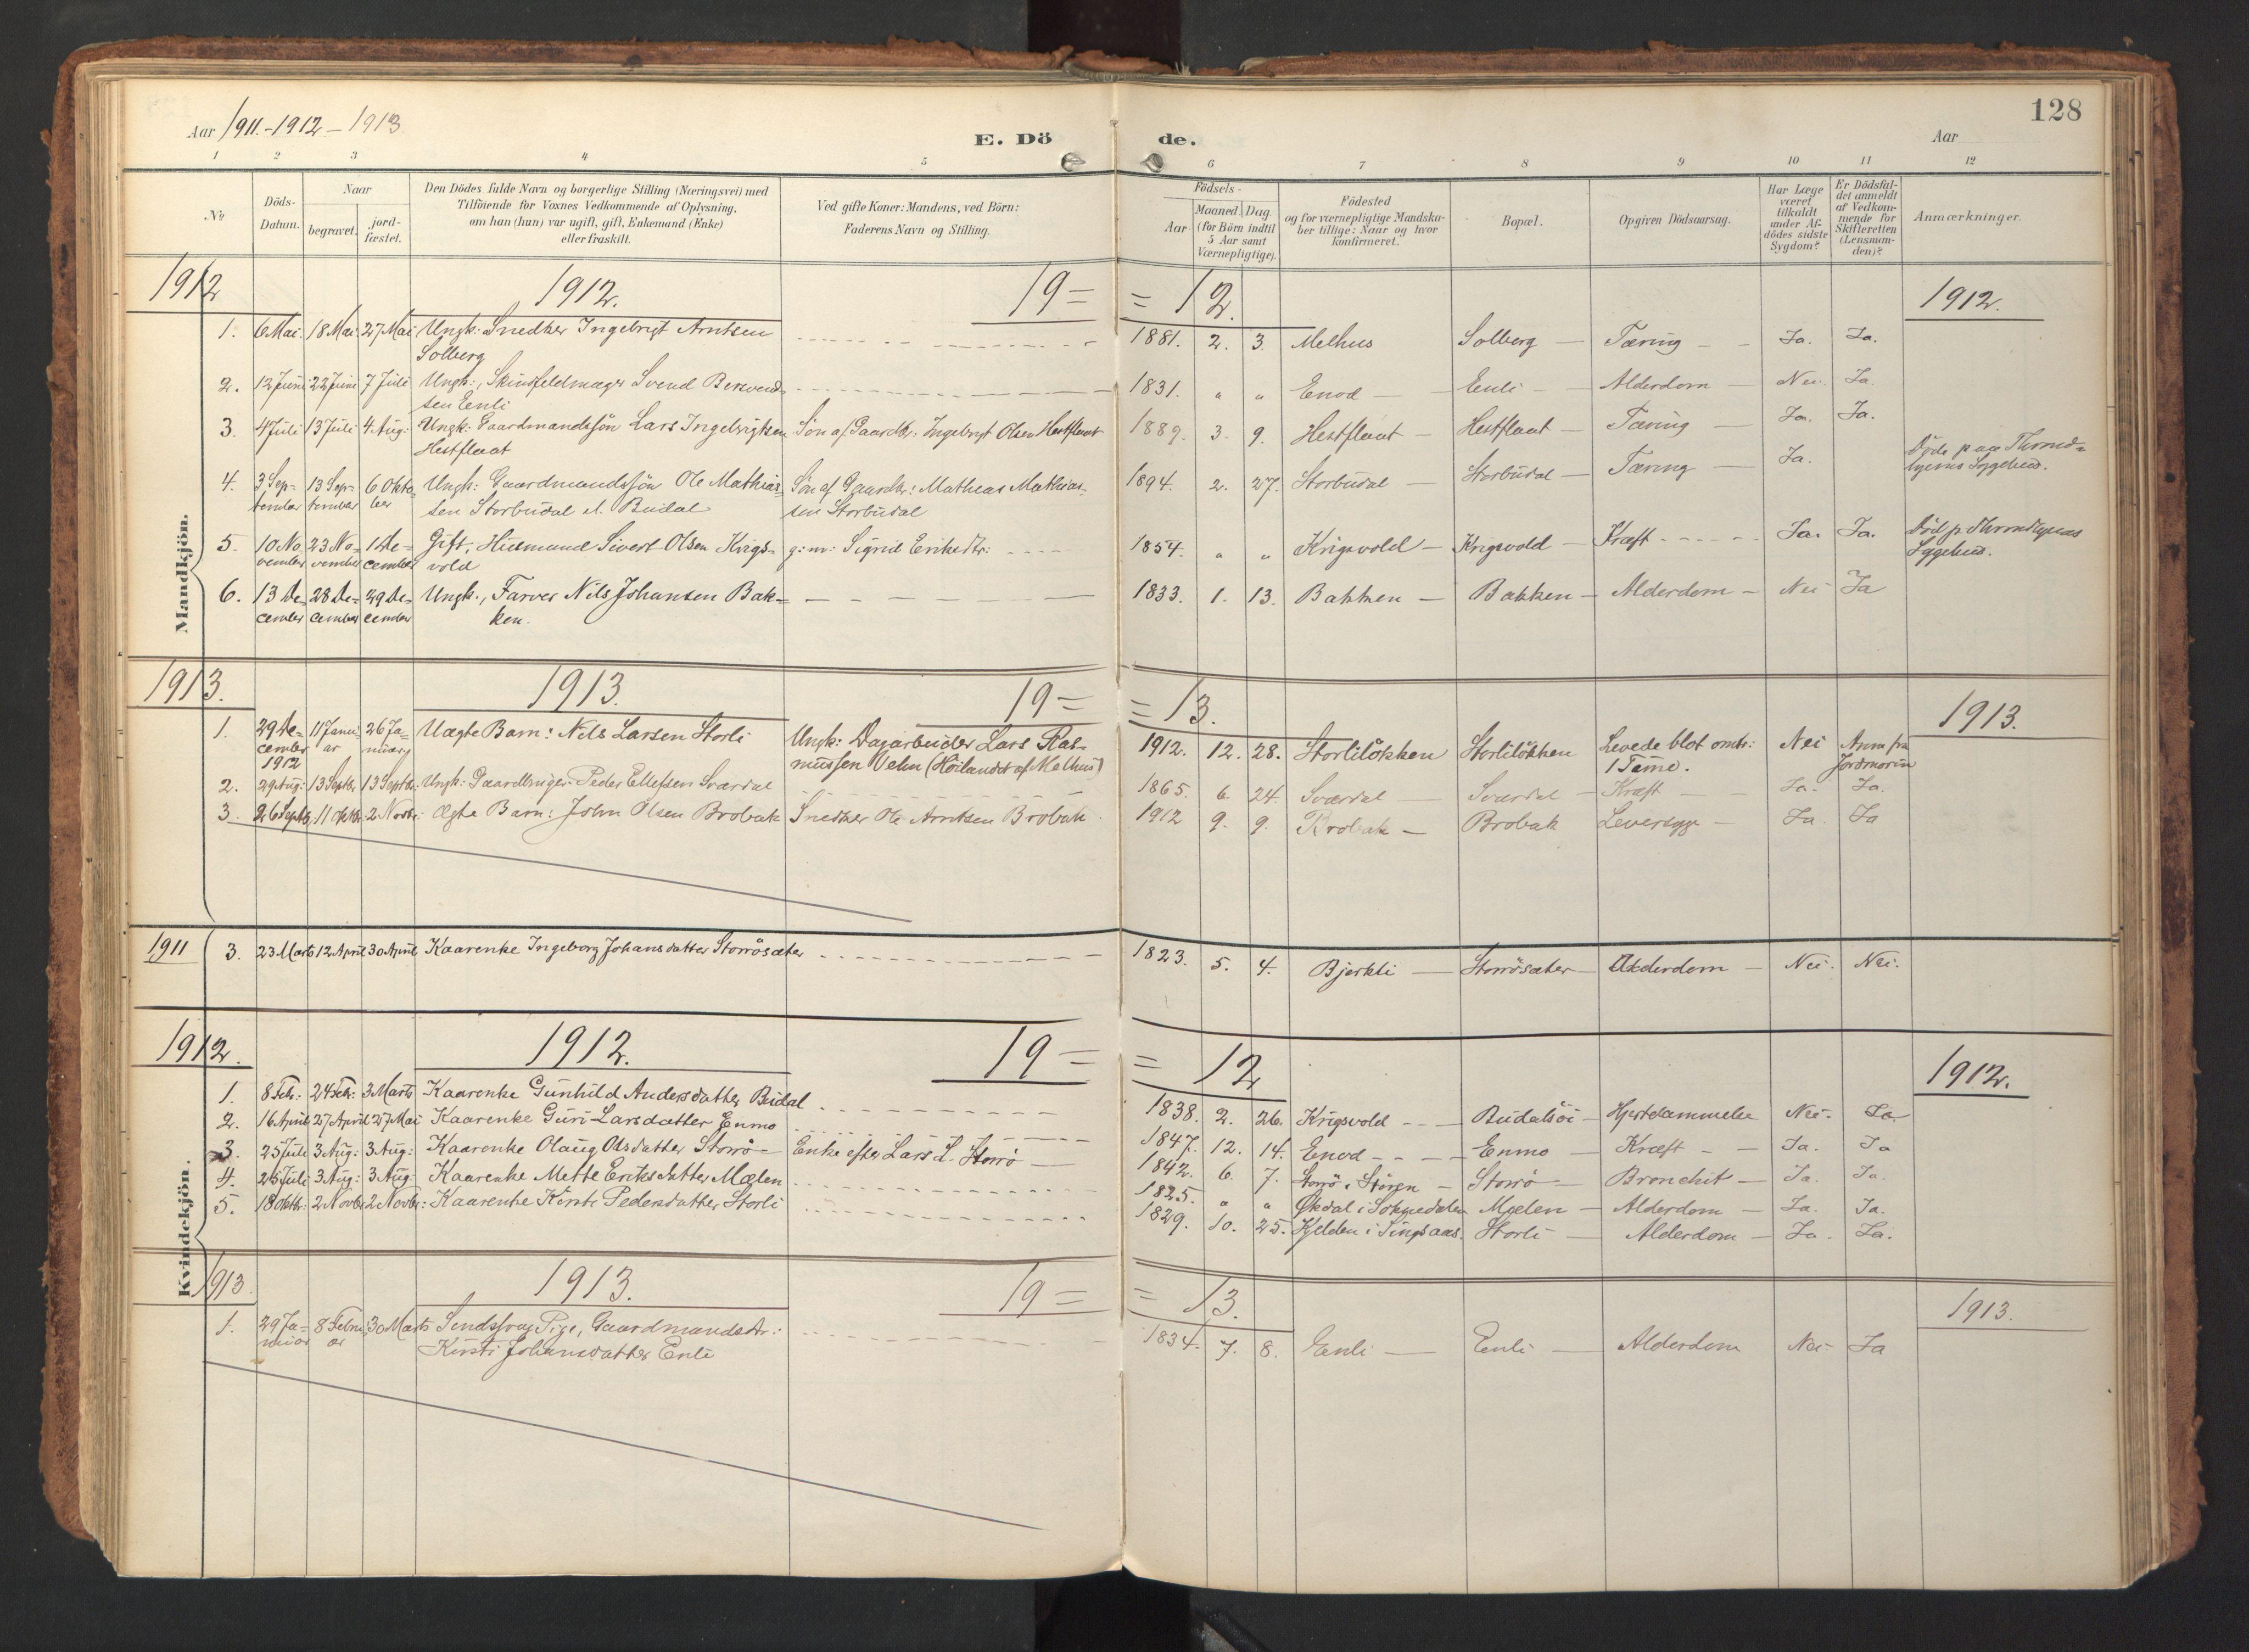 SAT, Ministerialprotokoller, klokkerbøker og fødselsregistre - Sør-Trøndelag, 690/L1050: Ministerialbok nr. 690A01, 1889-1929, s. 128